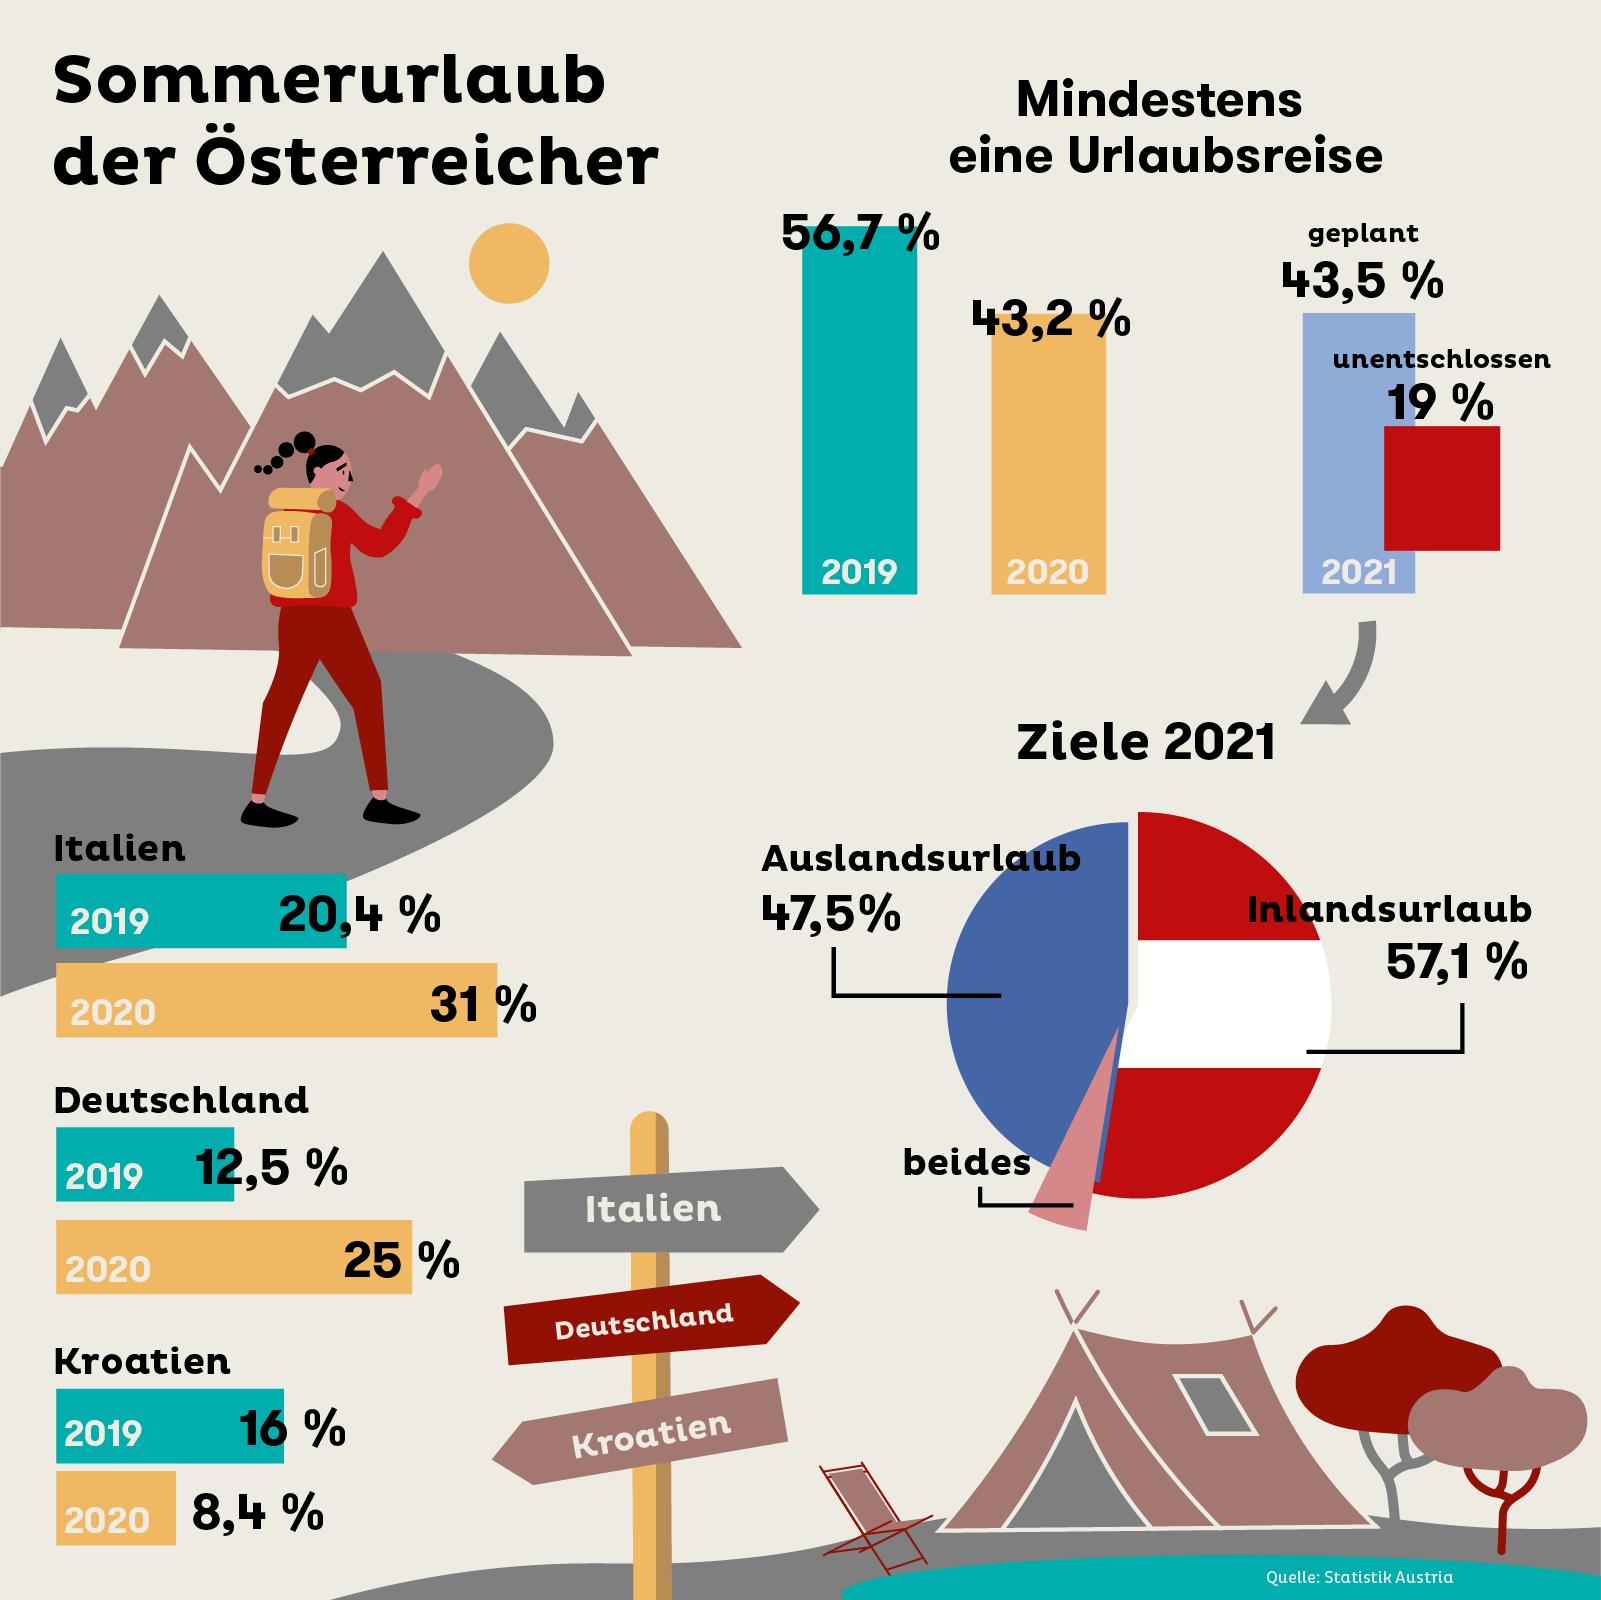 Sommerurlaub der Österreicher: 2019, 2020 und die Pläne für 2021